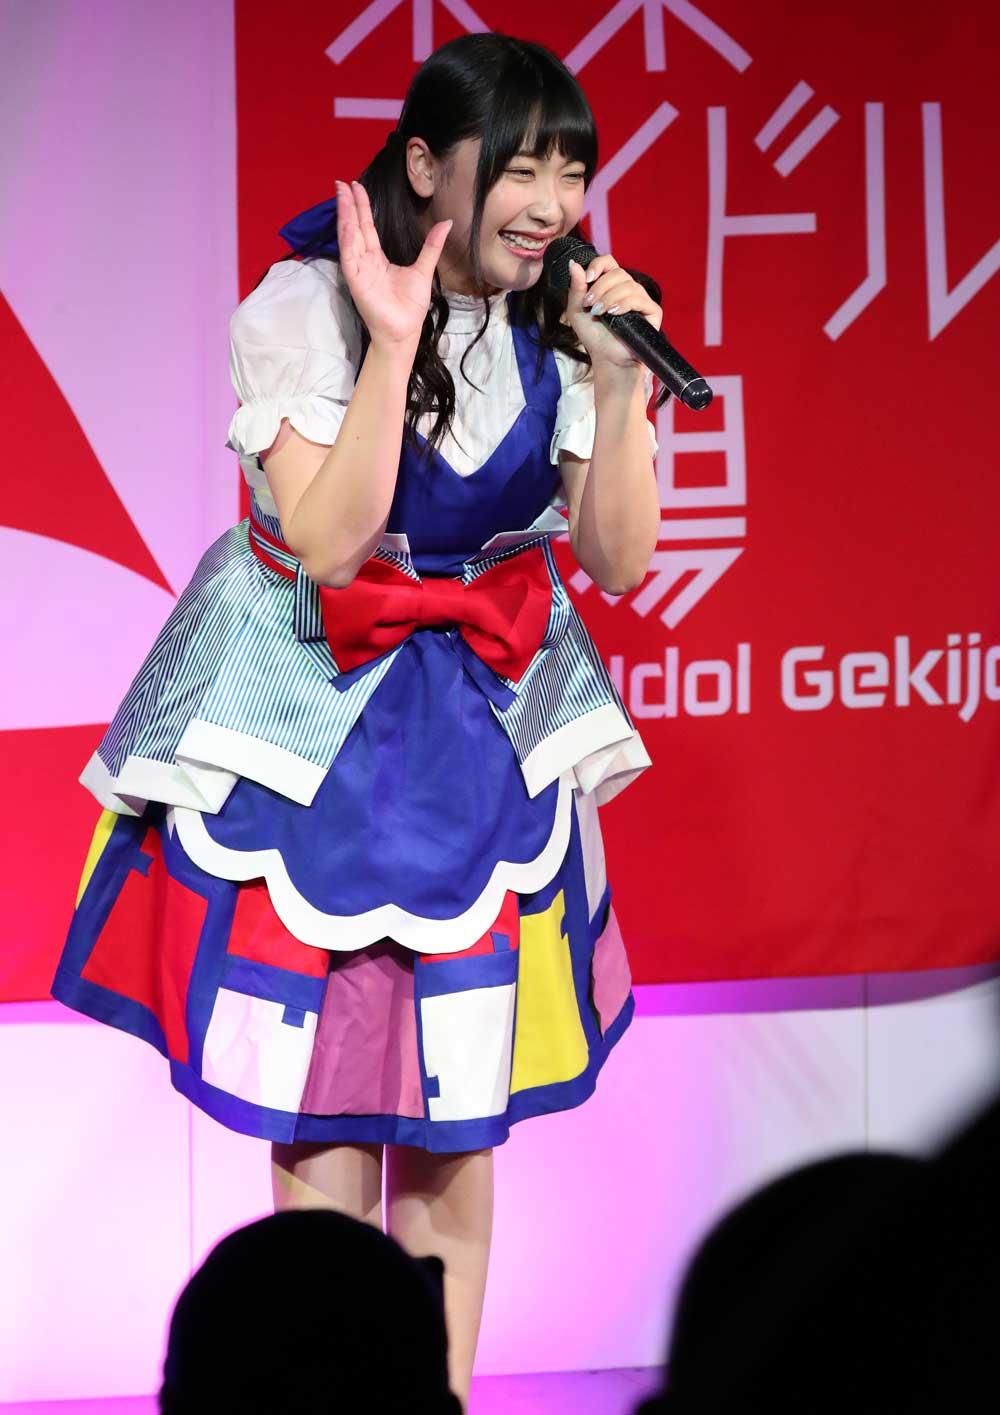 Images : 17番目の画像 - 「ミライスカート/安定&丁寧なパフォーマンスで名曲の数々を歌いきる。6月29日にはホームグラウンドの京都でフェスを開催」のアルバム - Stereo Sound ONLINE